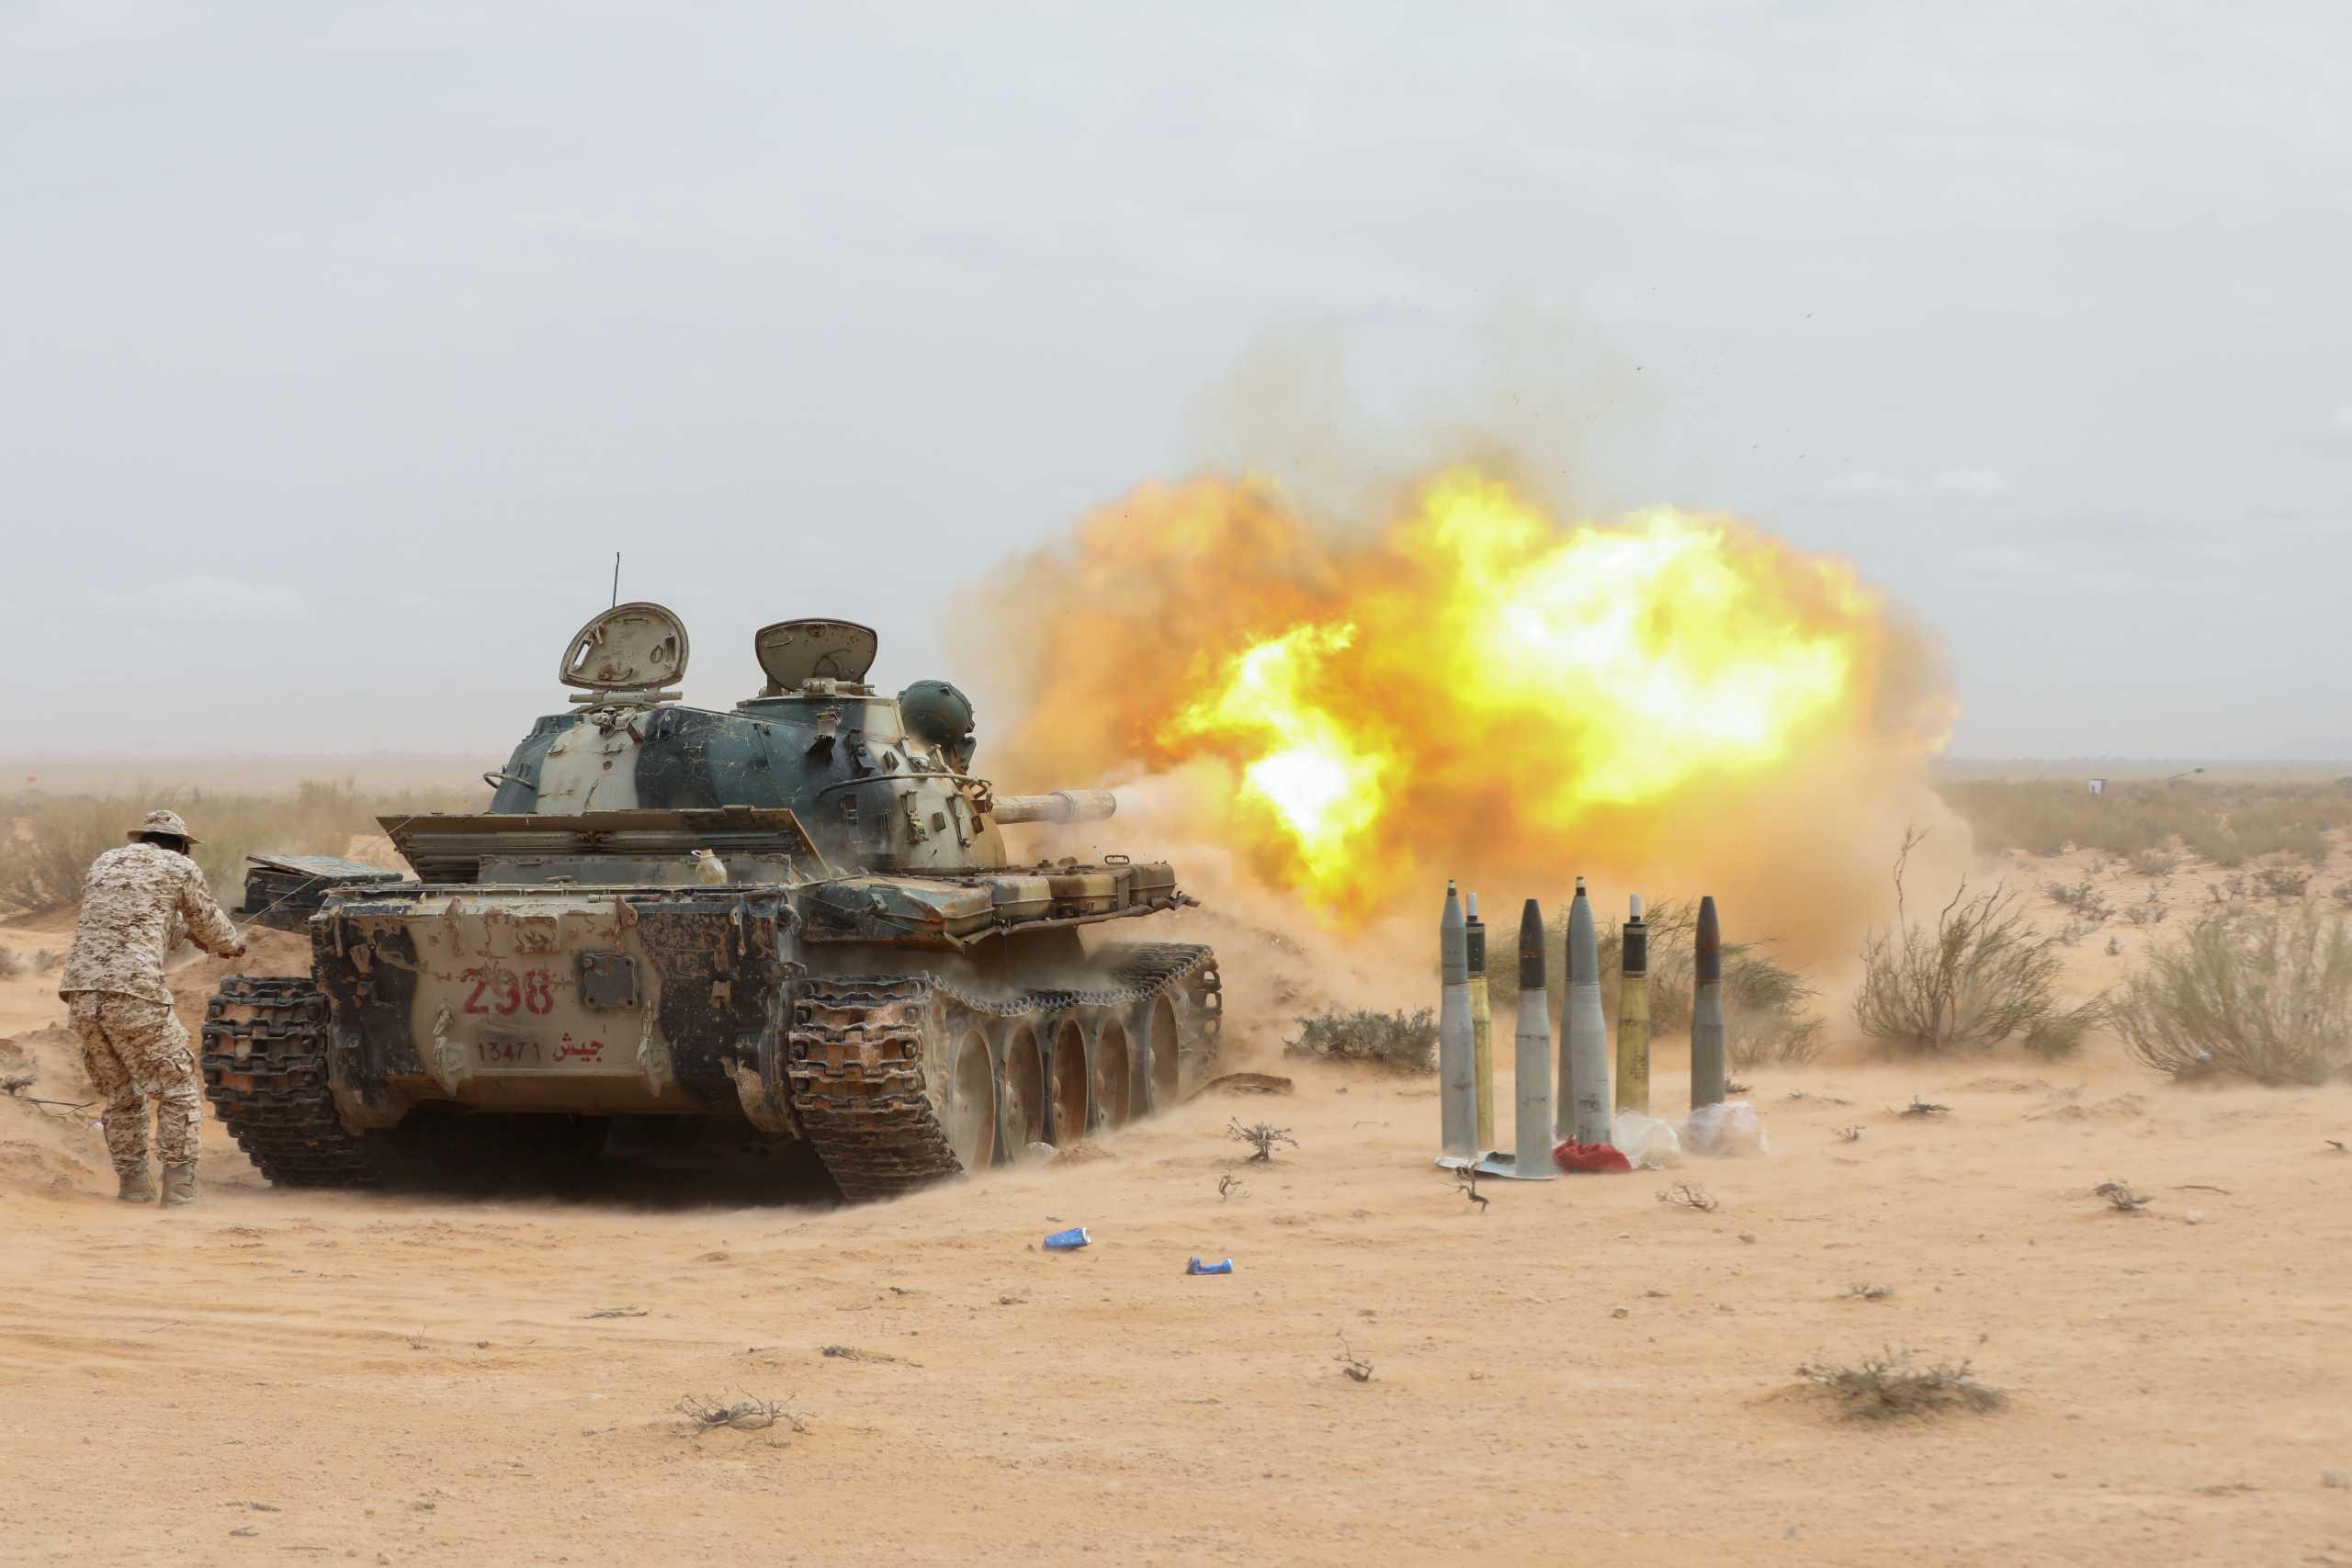 Επικοινωνία Μακρόν – Αλ Σίσι για Λιβύη: Συζήτησαν την ανάγκη αποχώρησης των ξένων στρατευμάτων